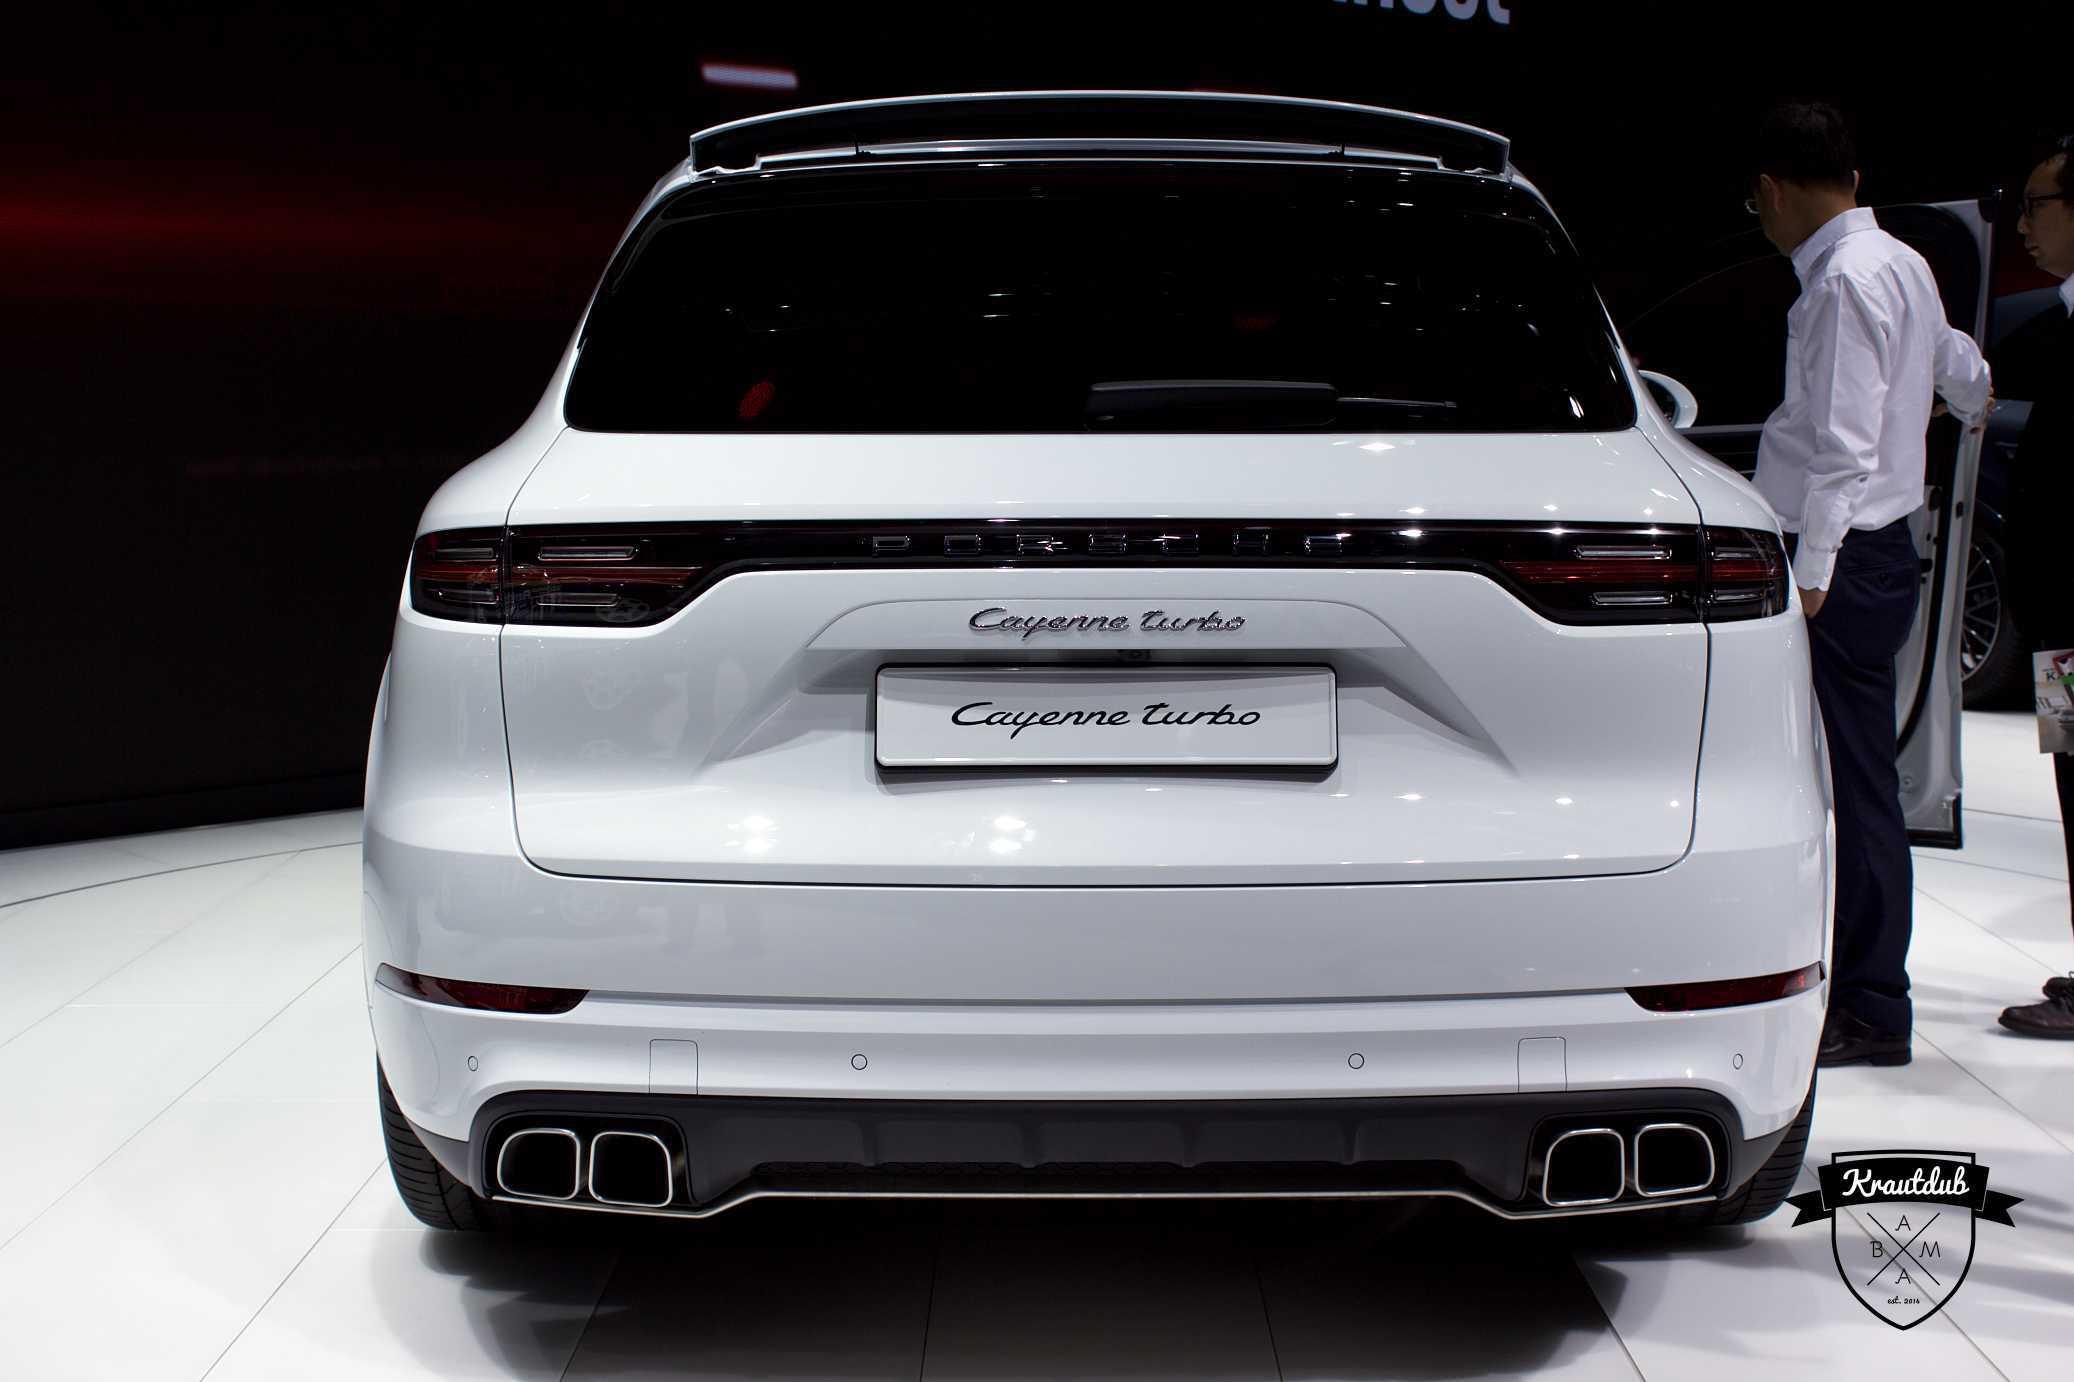 Porsche Cayenne Turbo - IAA 2017